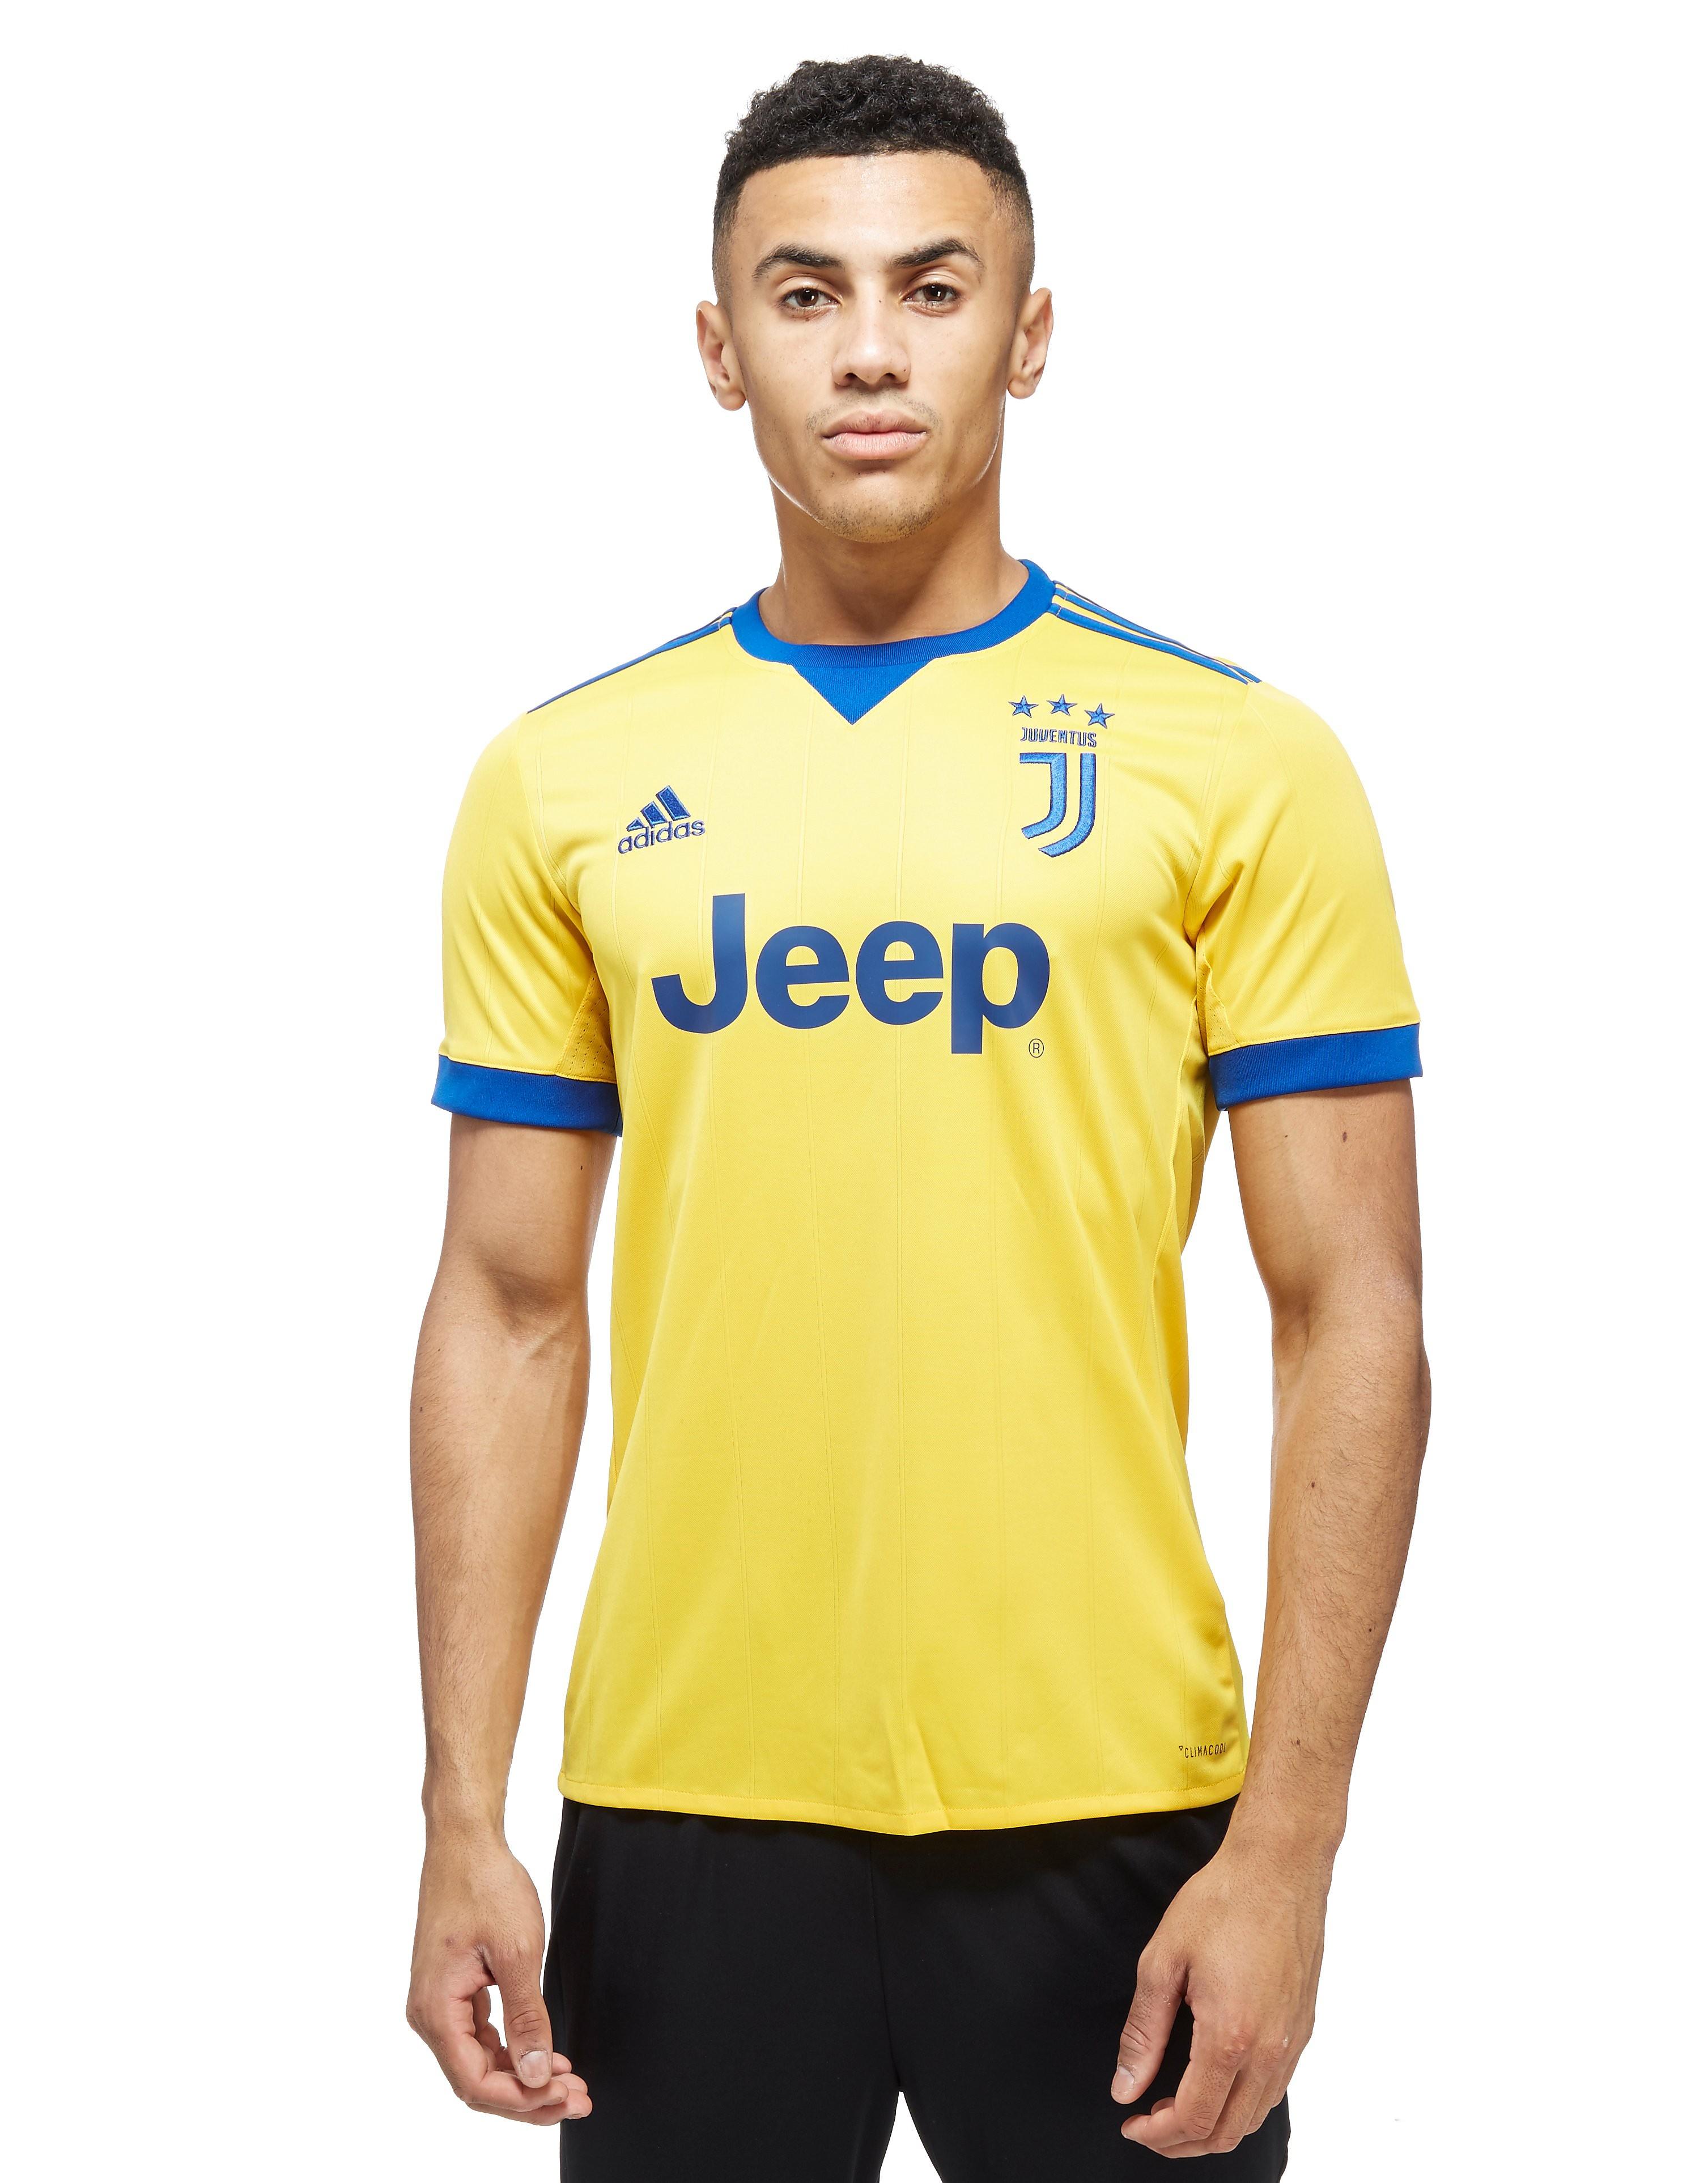 adidas Juventus 2017/18 Away Shirt